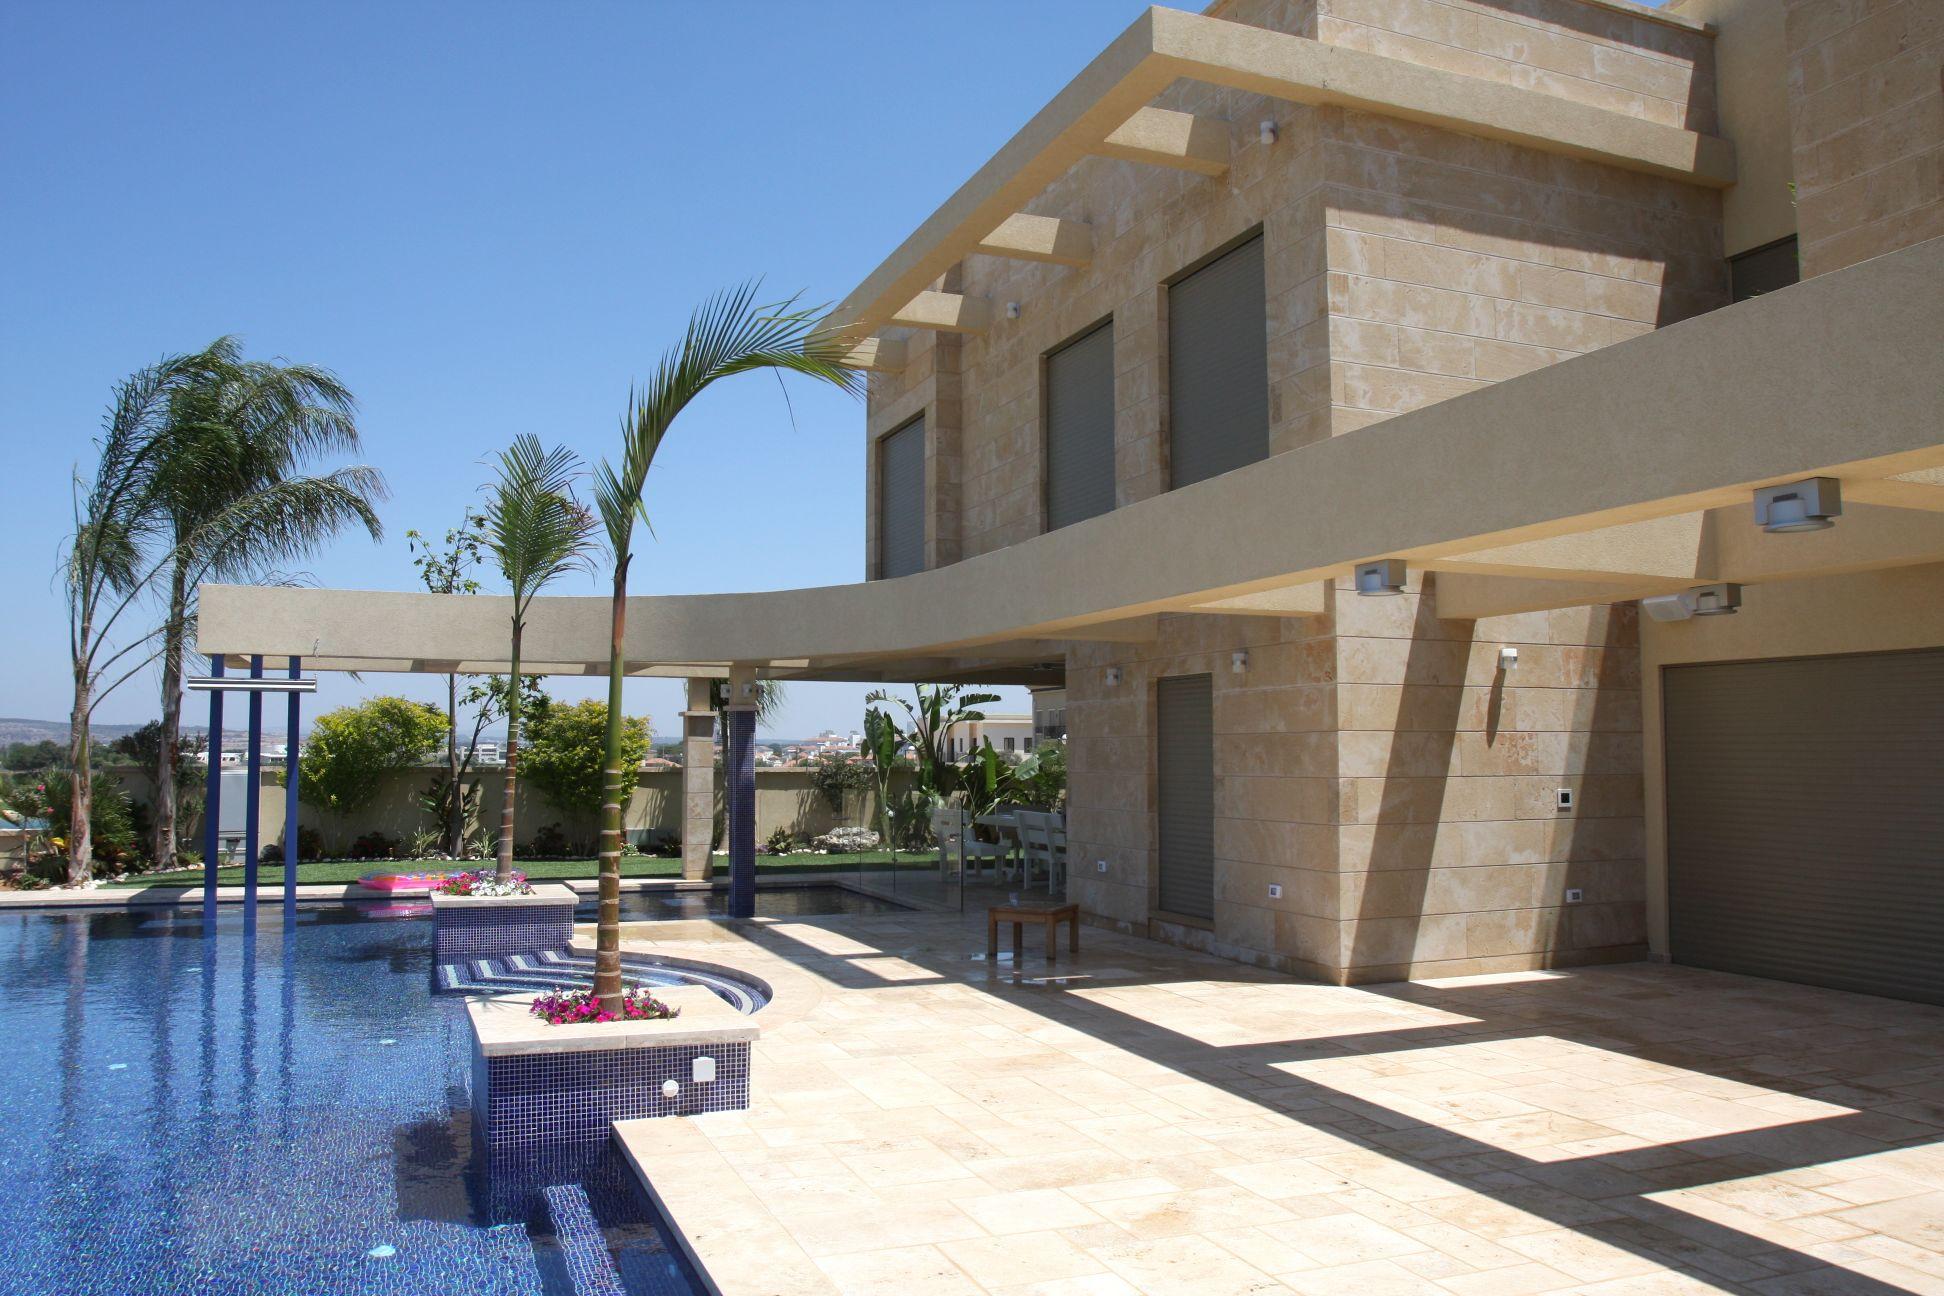 """בית בקיסריה –  הגשמת חלום: החברה לפיתוח קיסריה משווקת מגרשים של 600 מ""""ר בשכונה החדשה ב-2.5 מיליון שקל"""